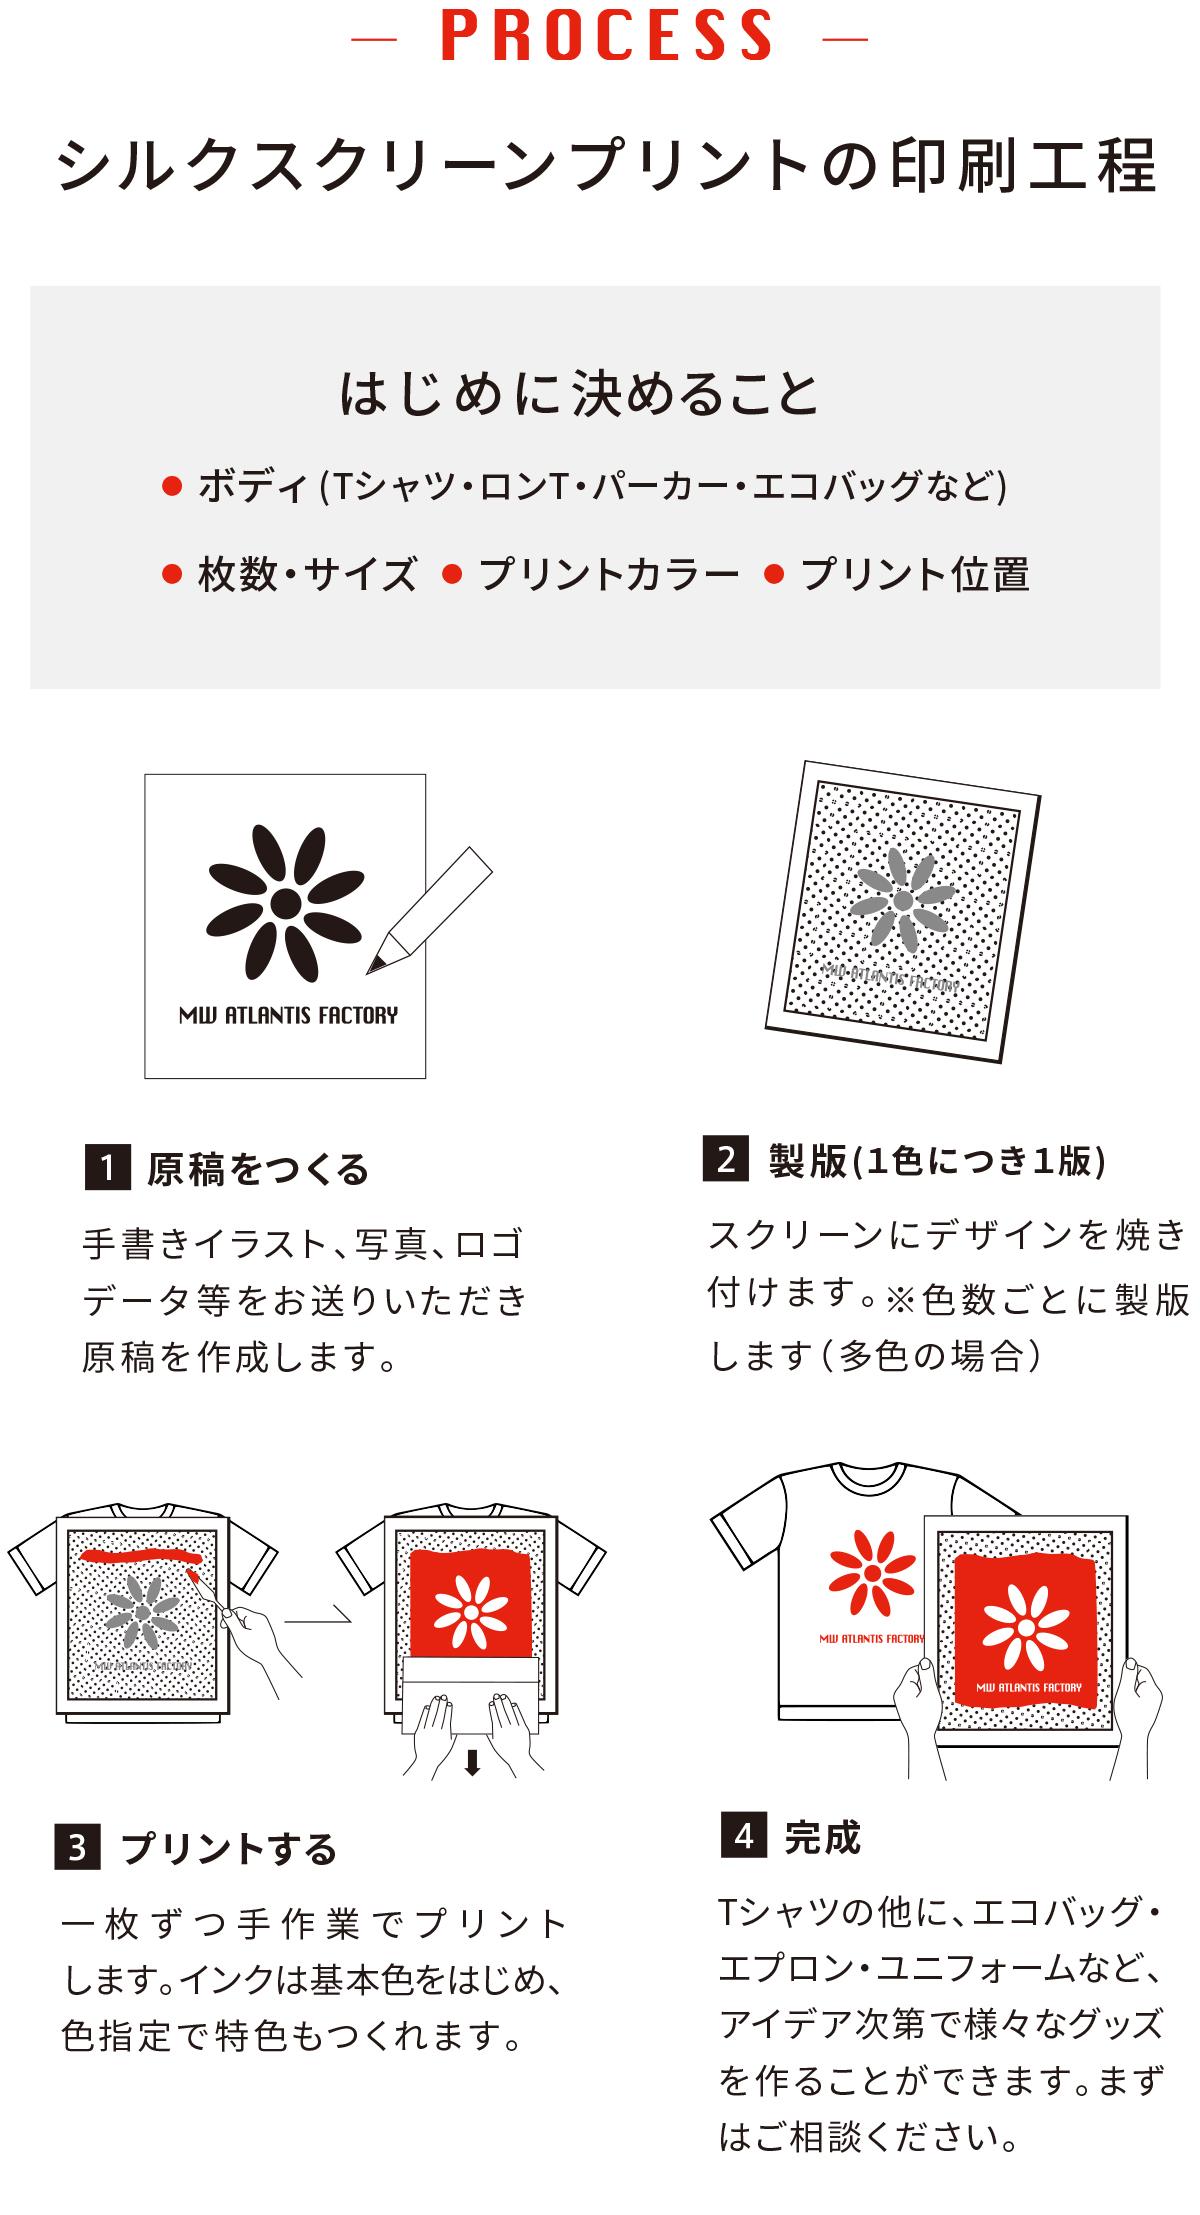 シルクスクリーンプリントの印刷工程1〜4